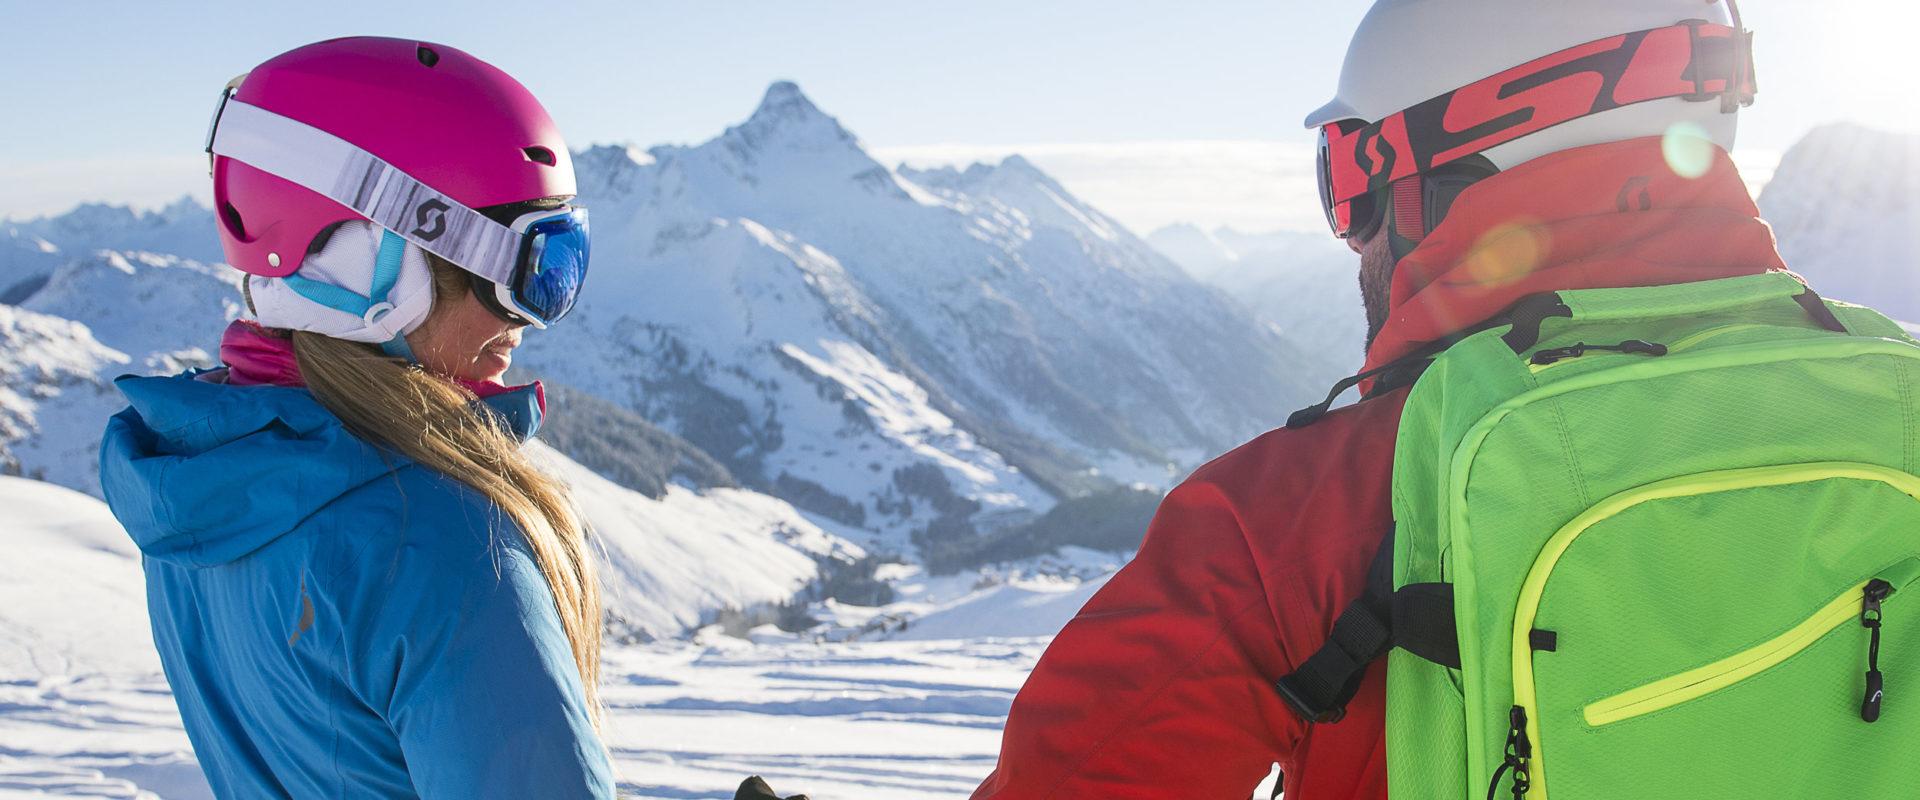 Skiing in Warth-Schröcken